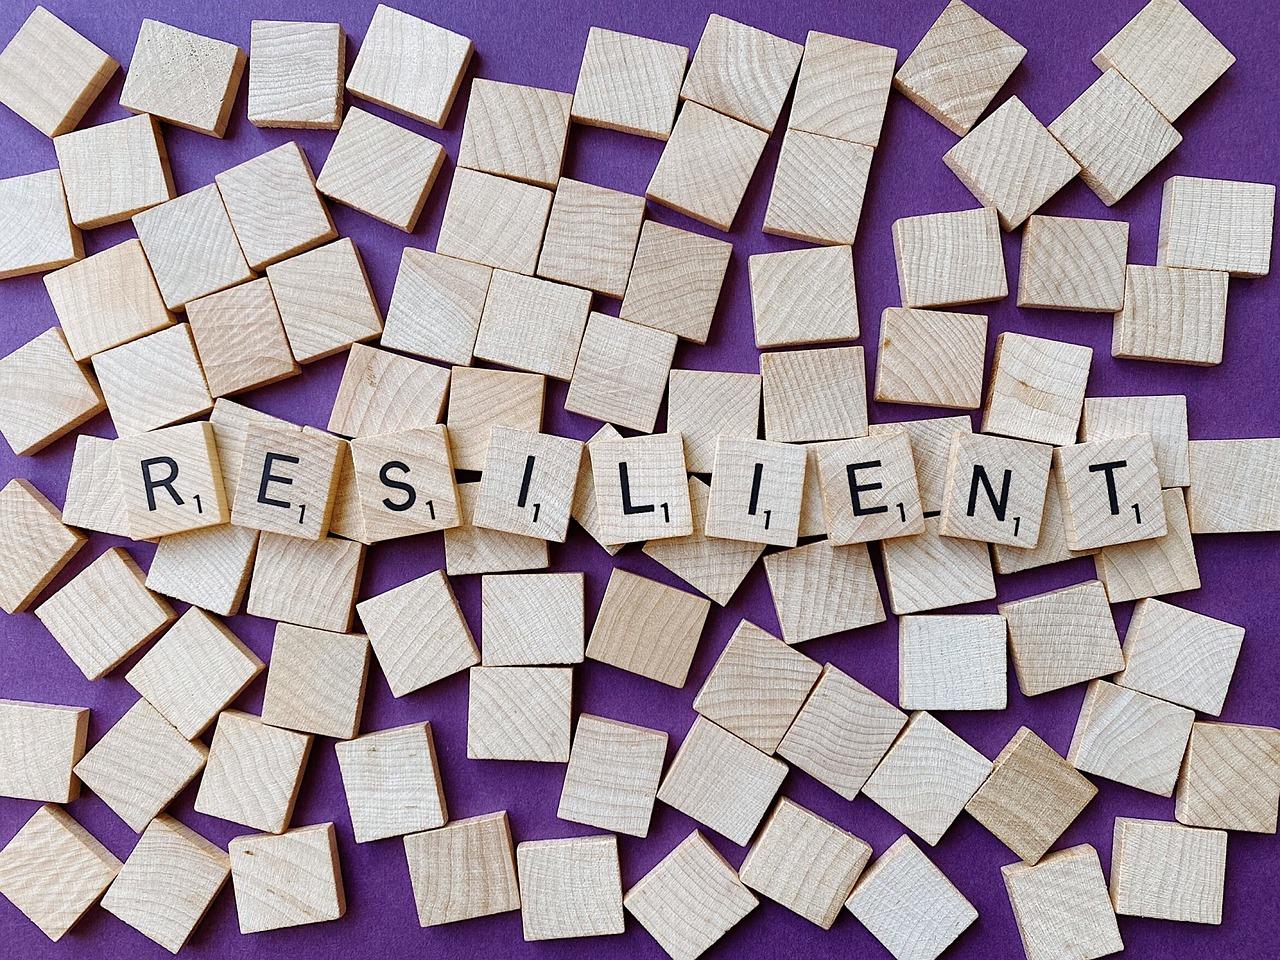 resiliencia O que os esportes radicais têm em comum com os investimentos?